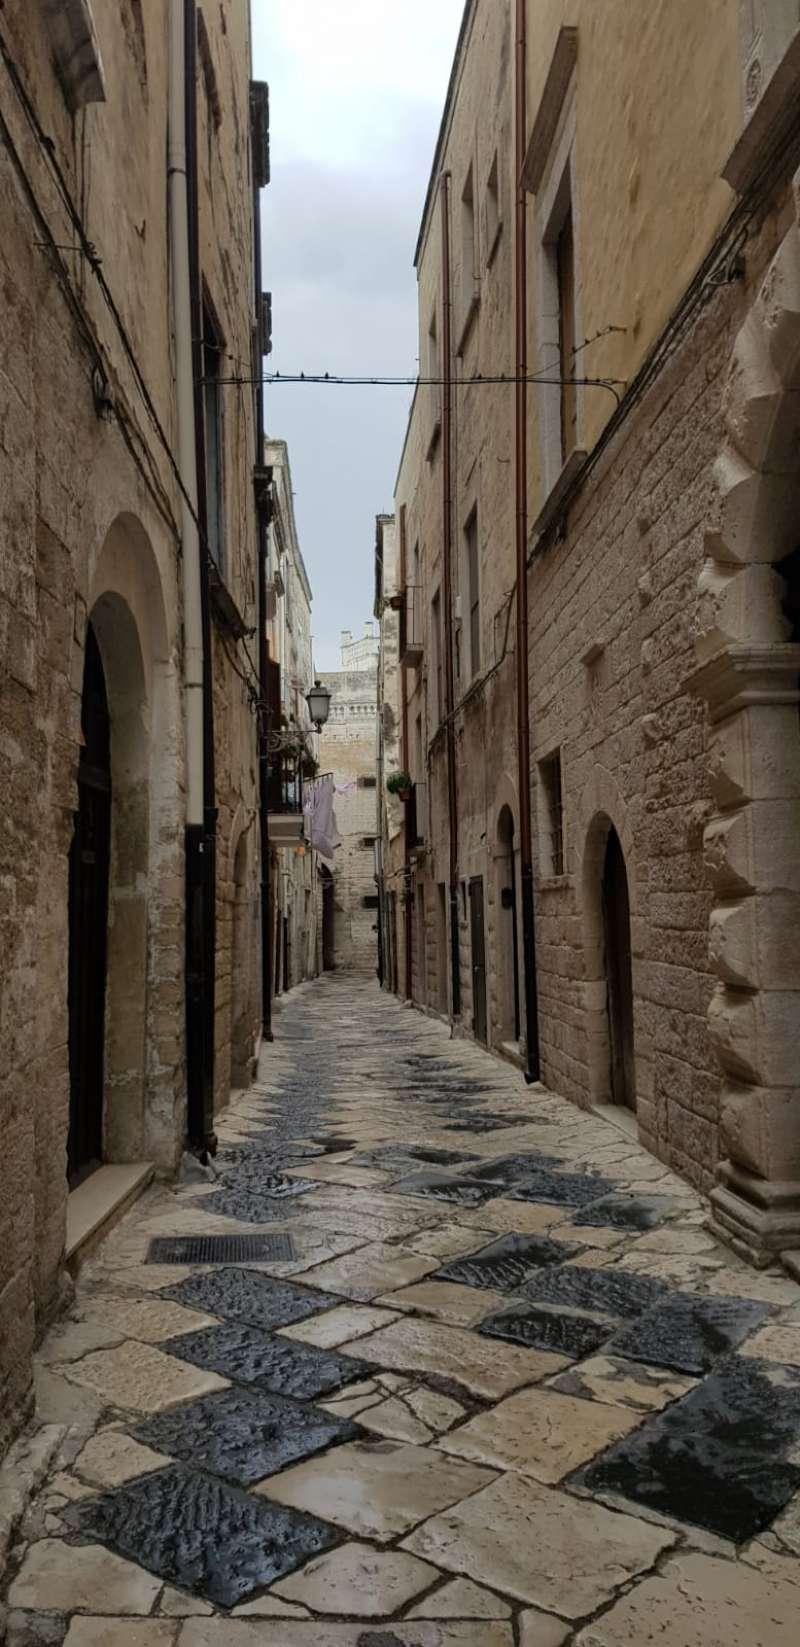 Appartamento in vendita a Bisceglie, 3 locali, prezzo € 75.000 | CambioCasa.it